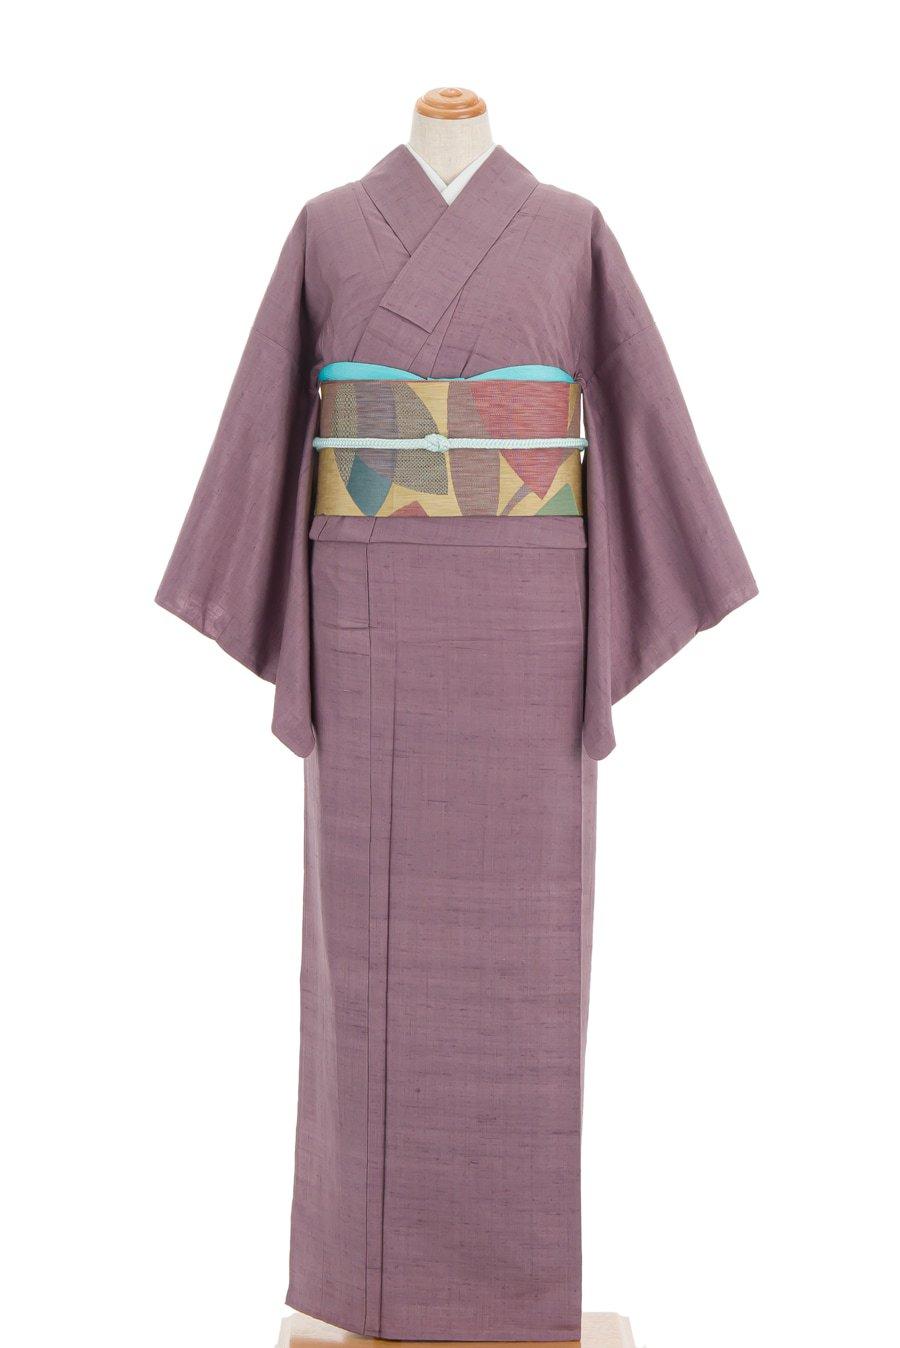 「単衣 紬色無地 一つ紋 紅藤」の商品画像